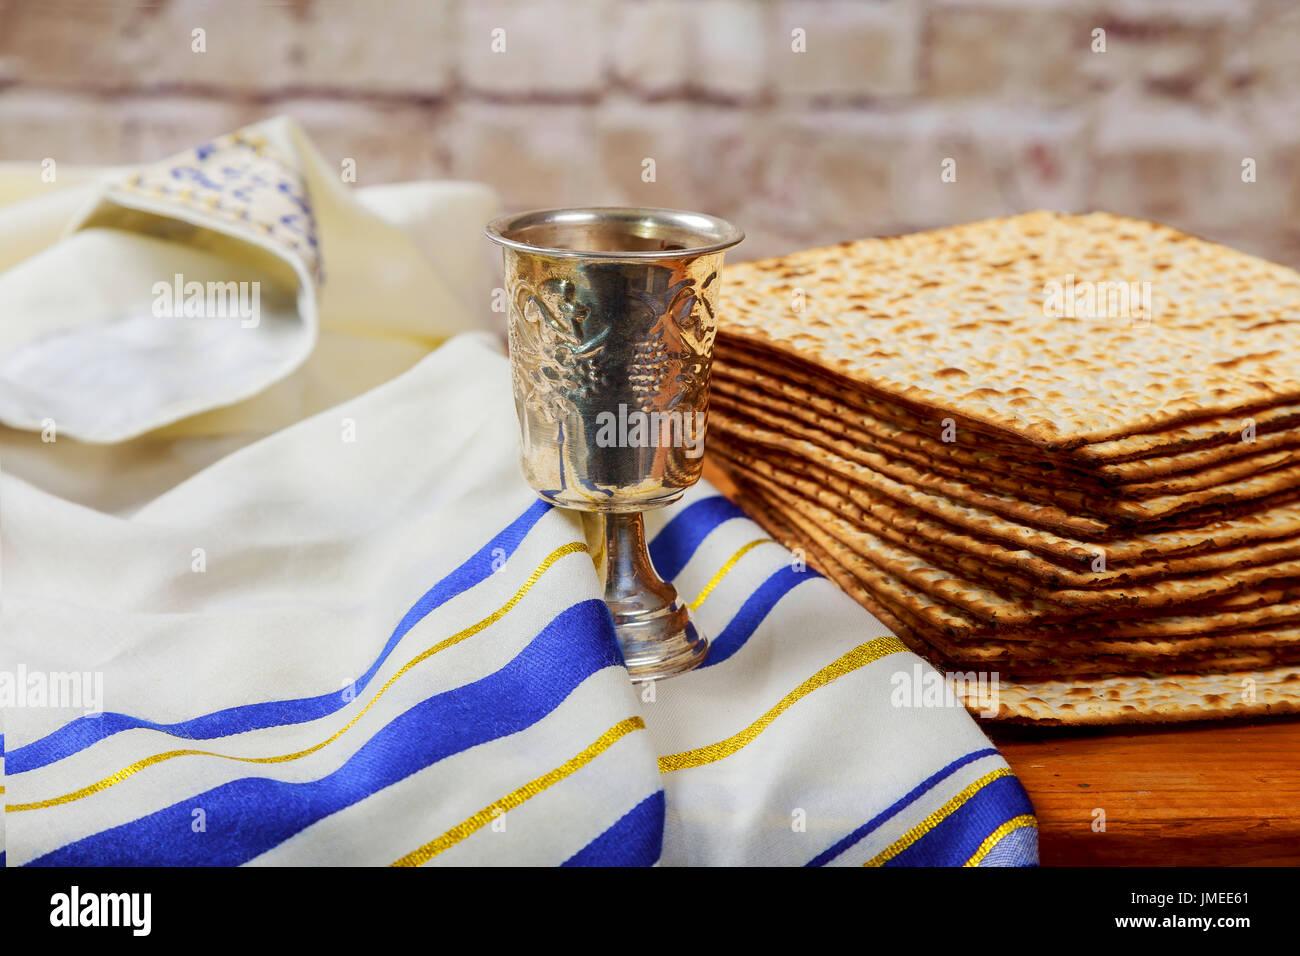 wine and matzoh jewish passover bread Passover matzo Passover wine - Stock Image